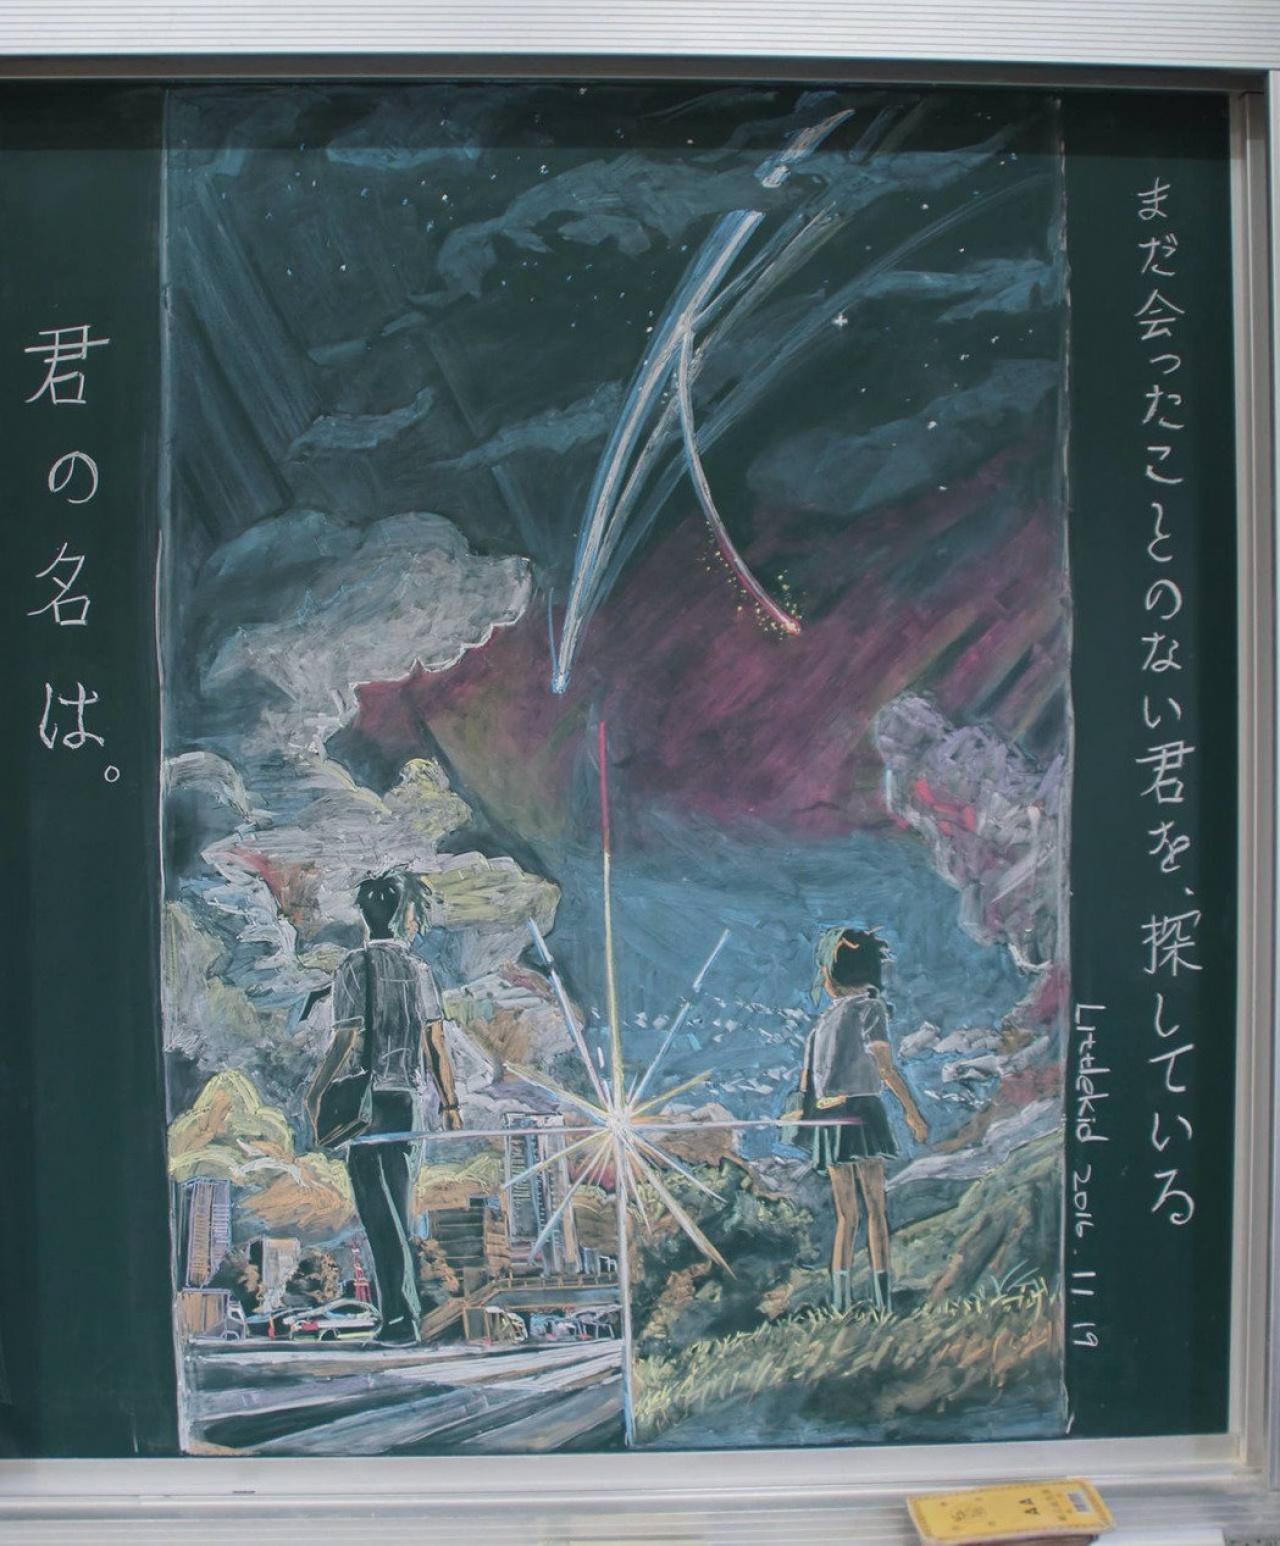 台灣實習教師張書瑋也在小學黑板上畫出《你的名字。》的海報。(網上圖片)